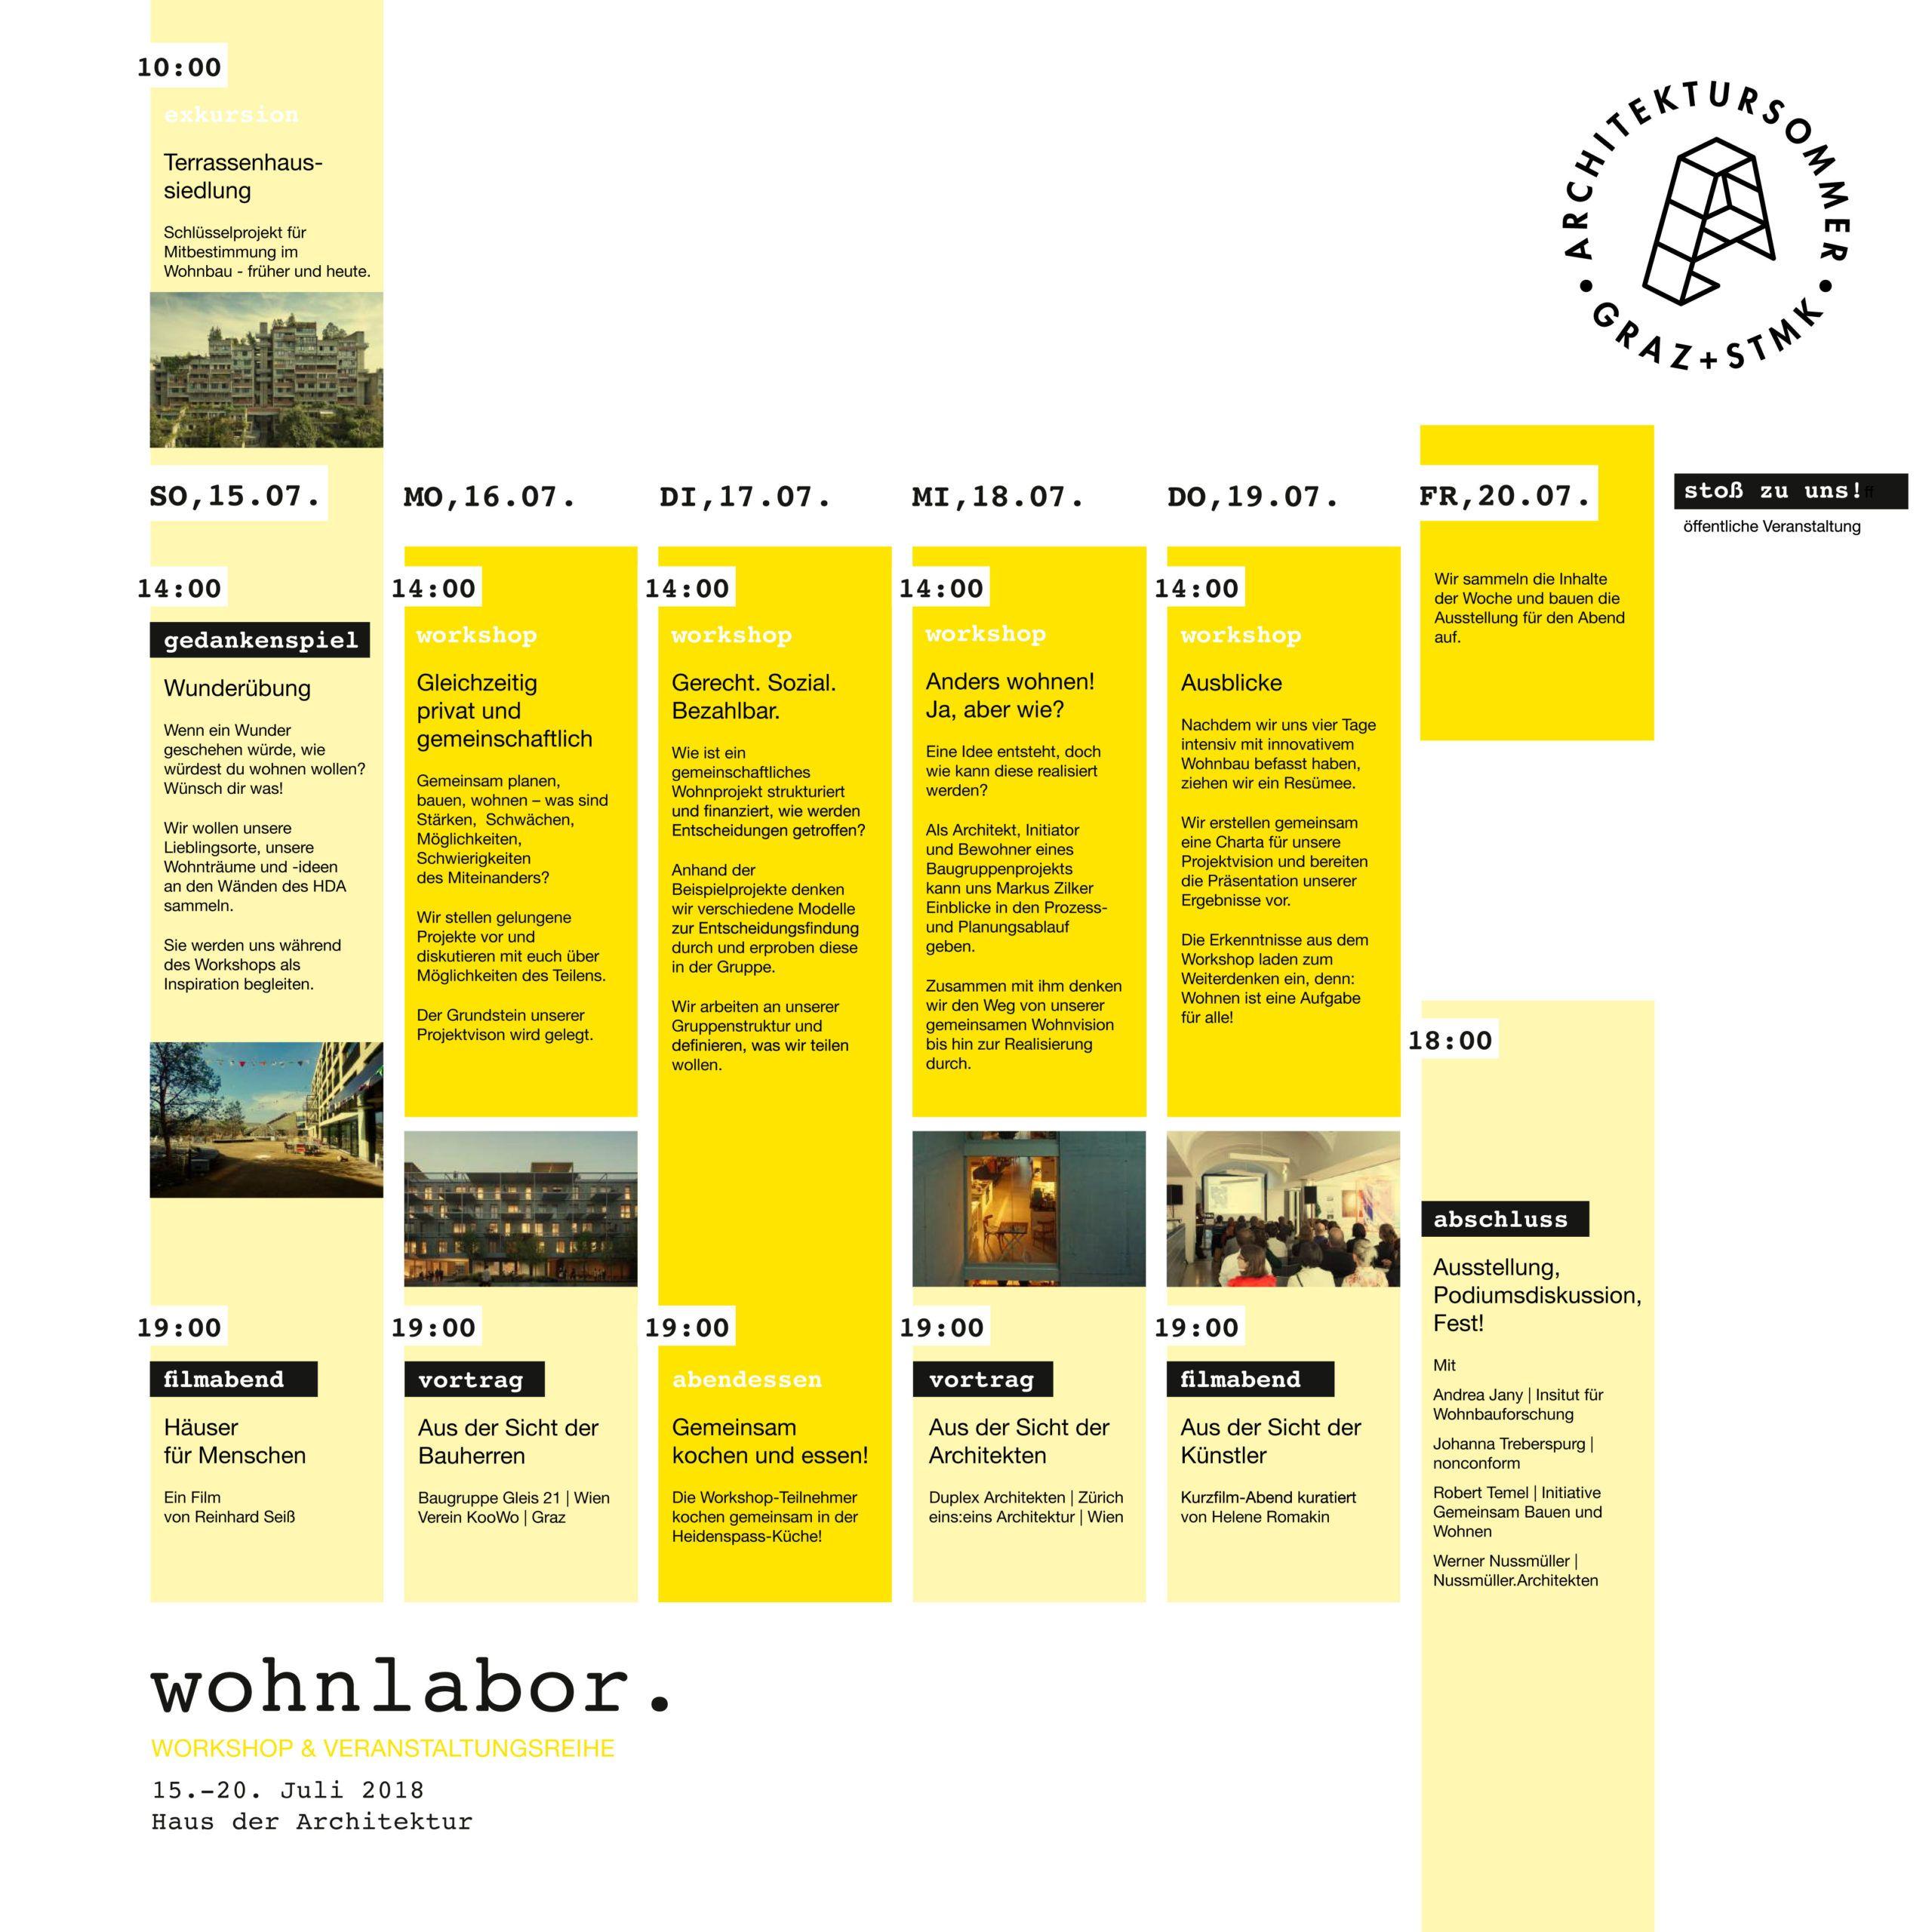 wochenplan_Wohnlabor